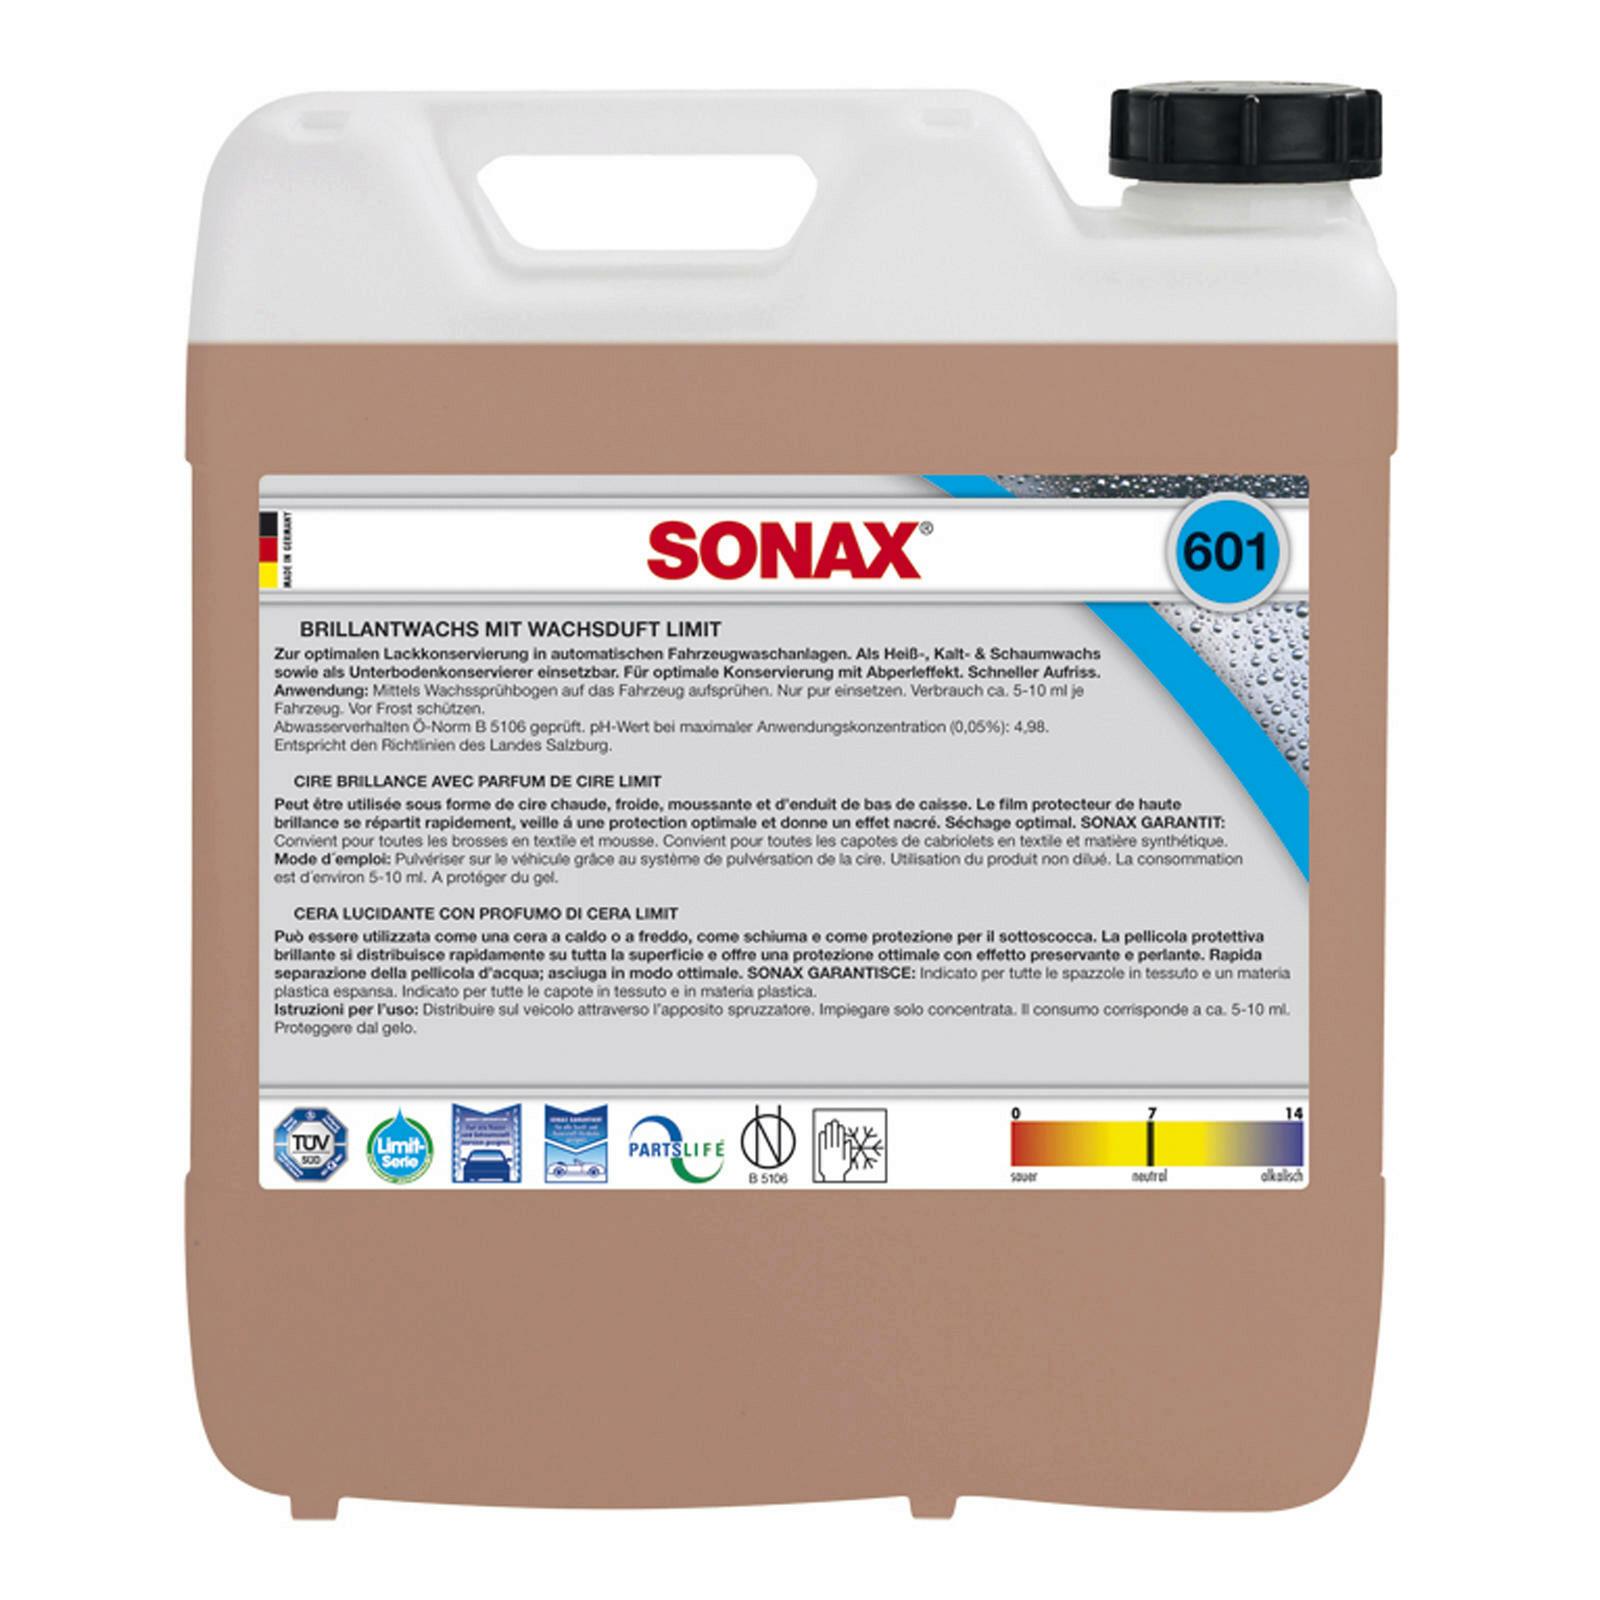 SONAX BrillantWachs mit Wachsduft 10l